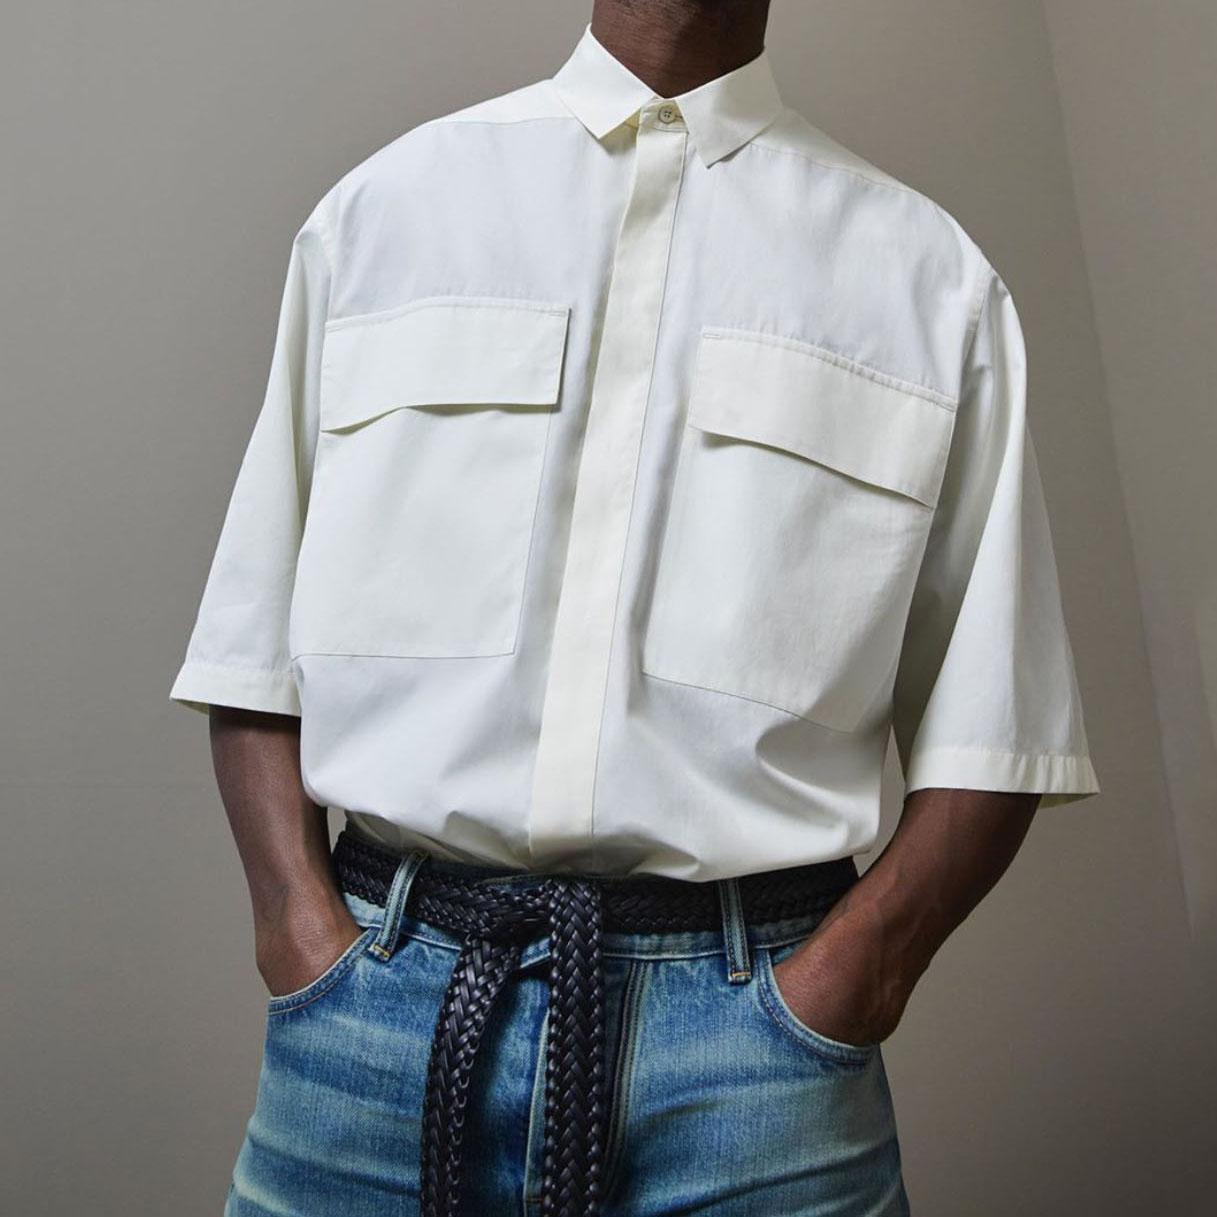 Nuova estate di modo Mens oversize grandi tasche Camicie Streetwear shirt mezza manica casuale